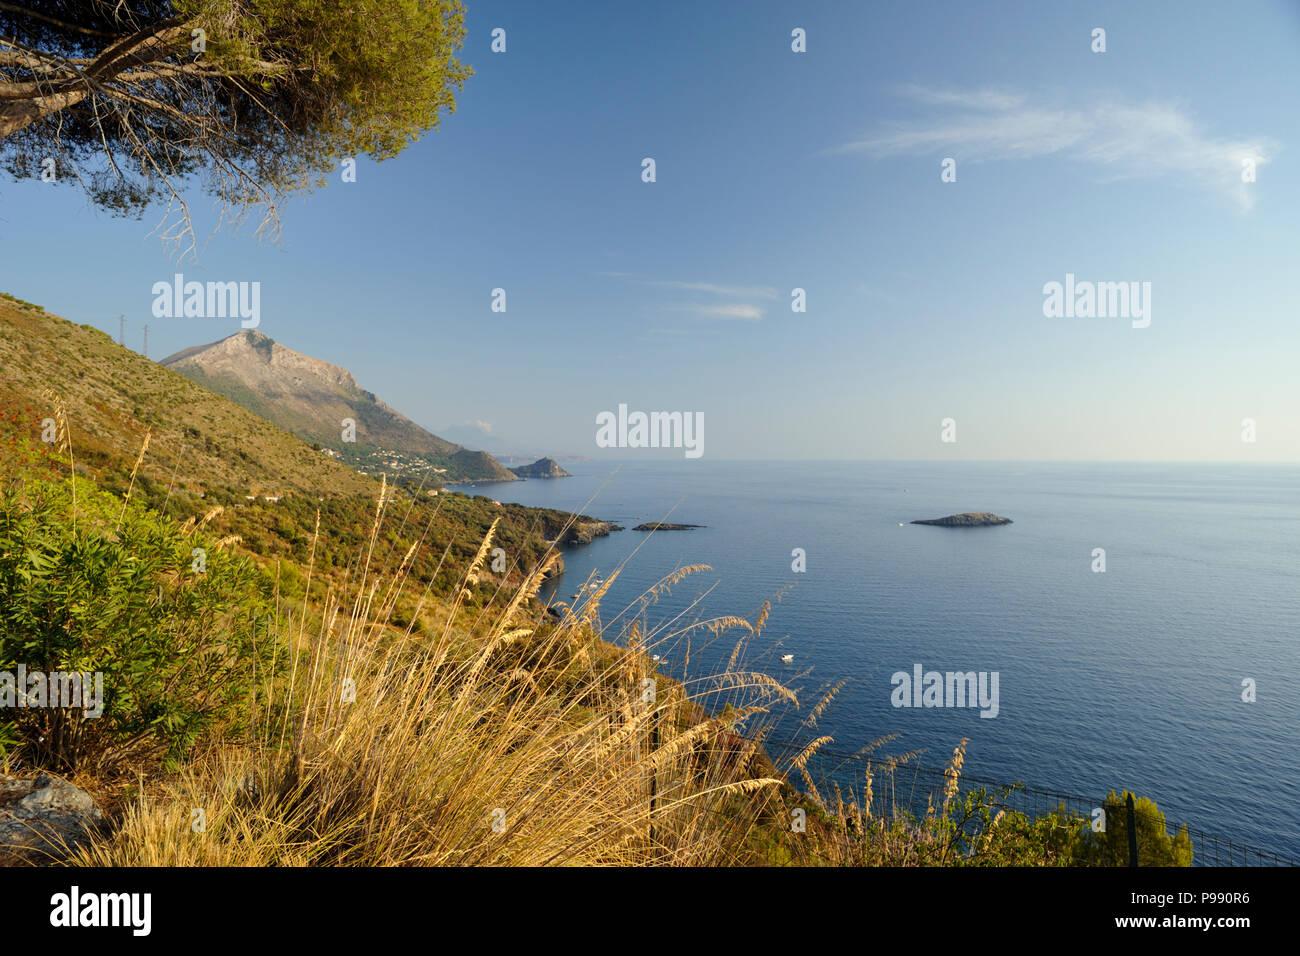 italy, basilicata, maratea, coast - Stock Image